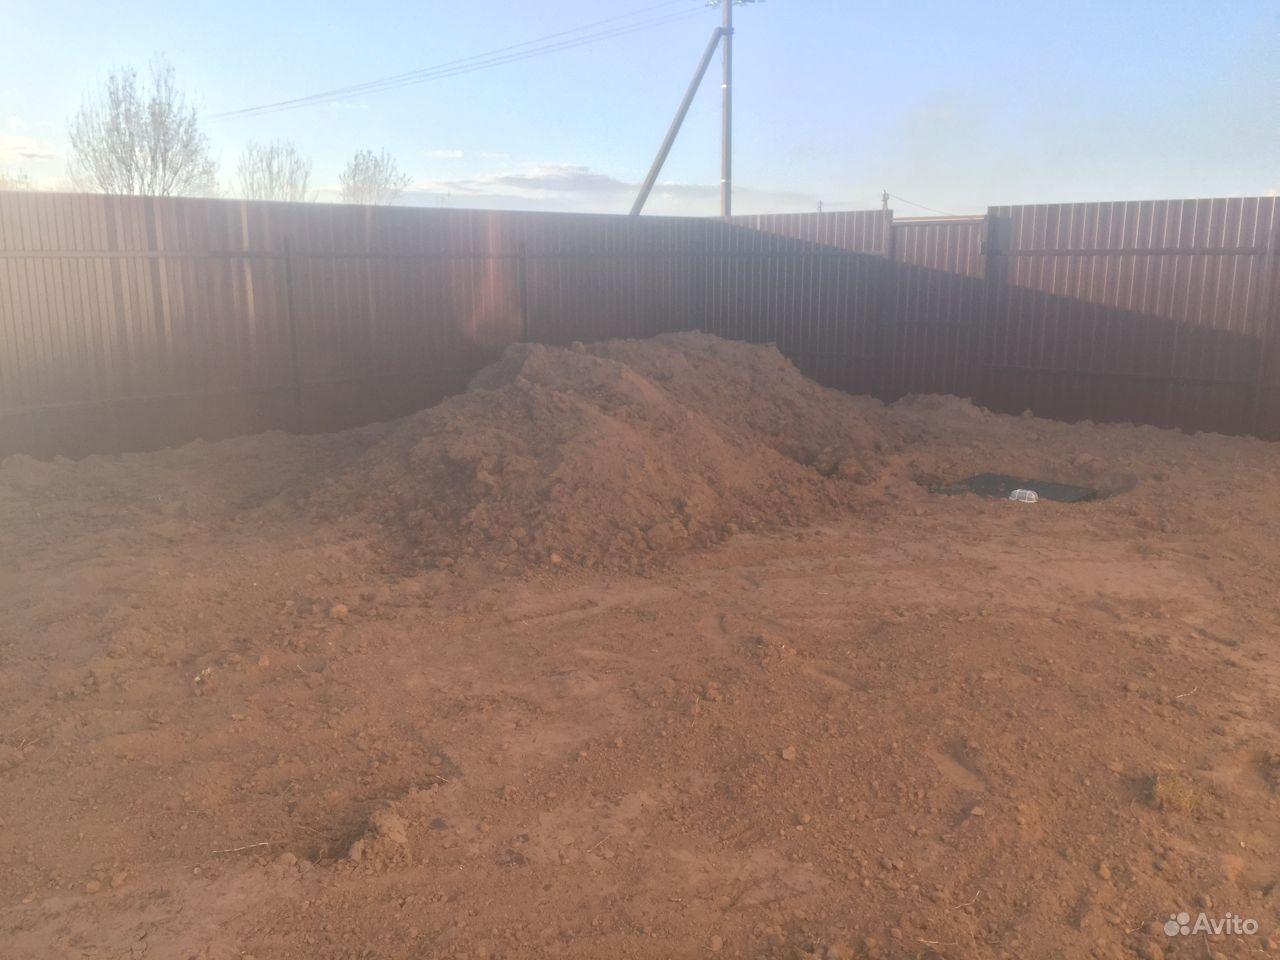 Продам землю плодородную,песок,Щебень,навоз коровя купить на Вуёк.ру - фотография № 8